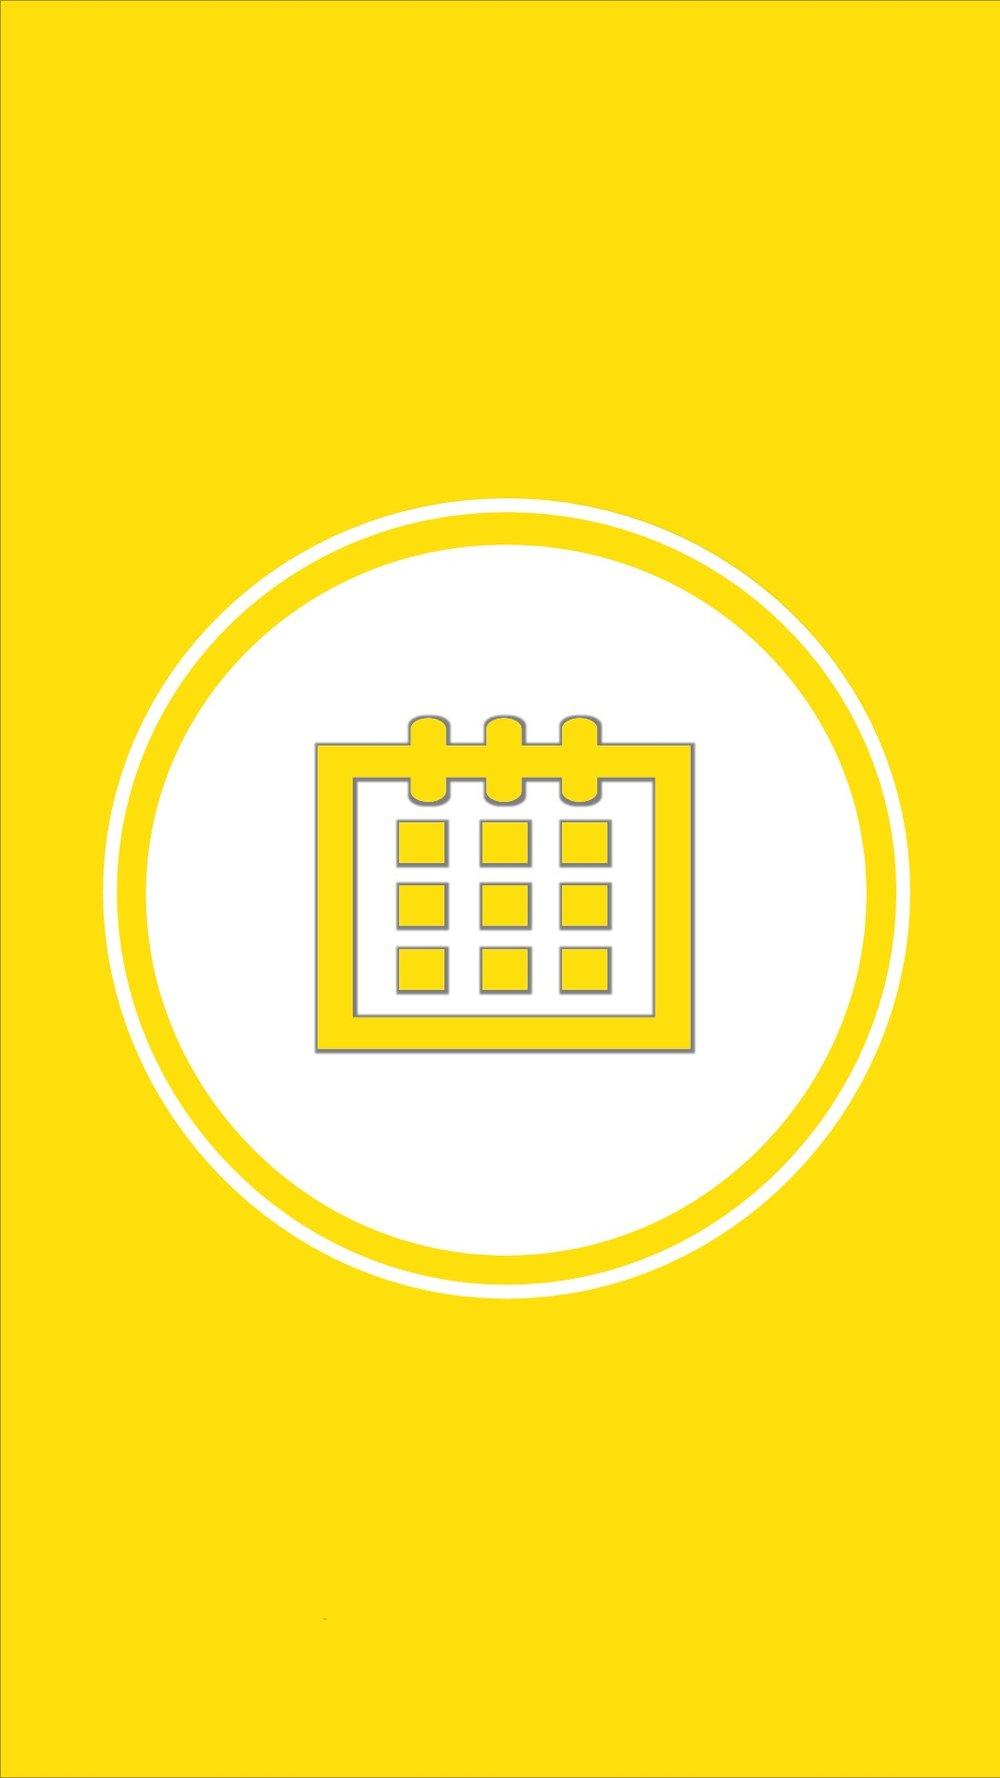 Instagram-cover-calendaryellow-lotnotes.com.jpg